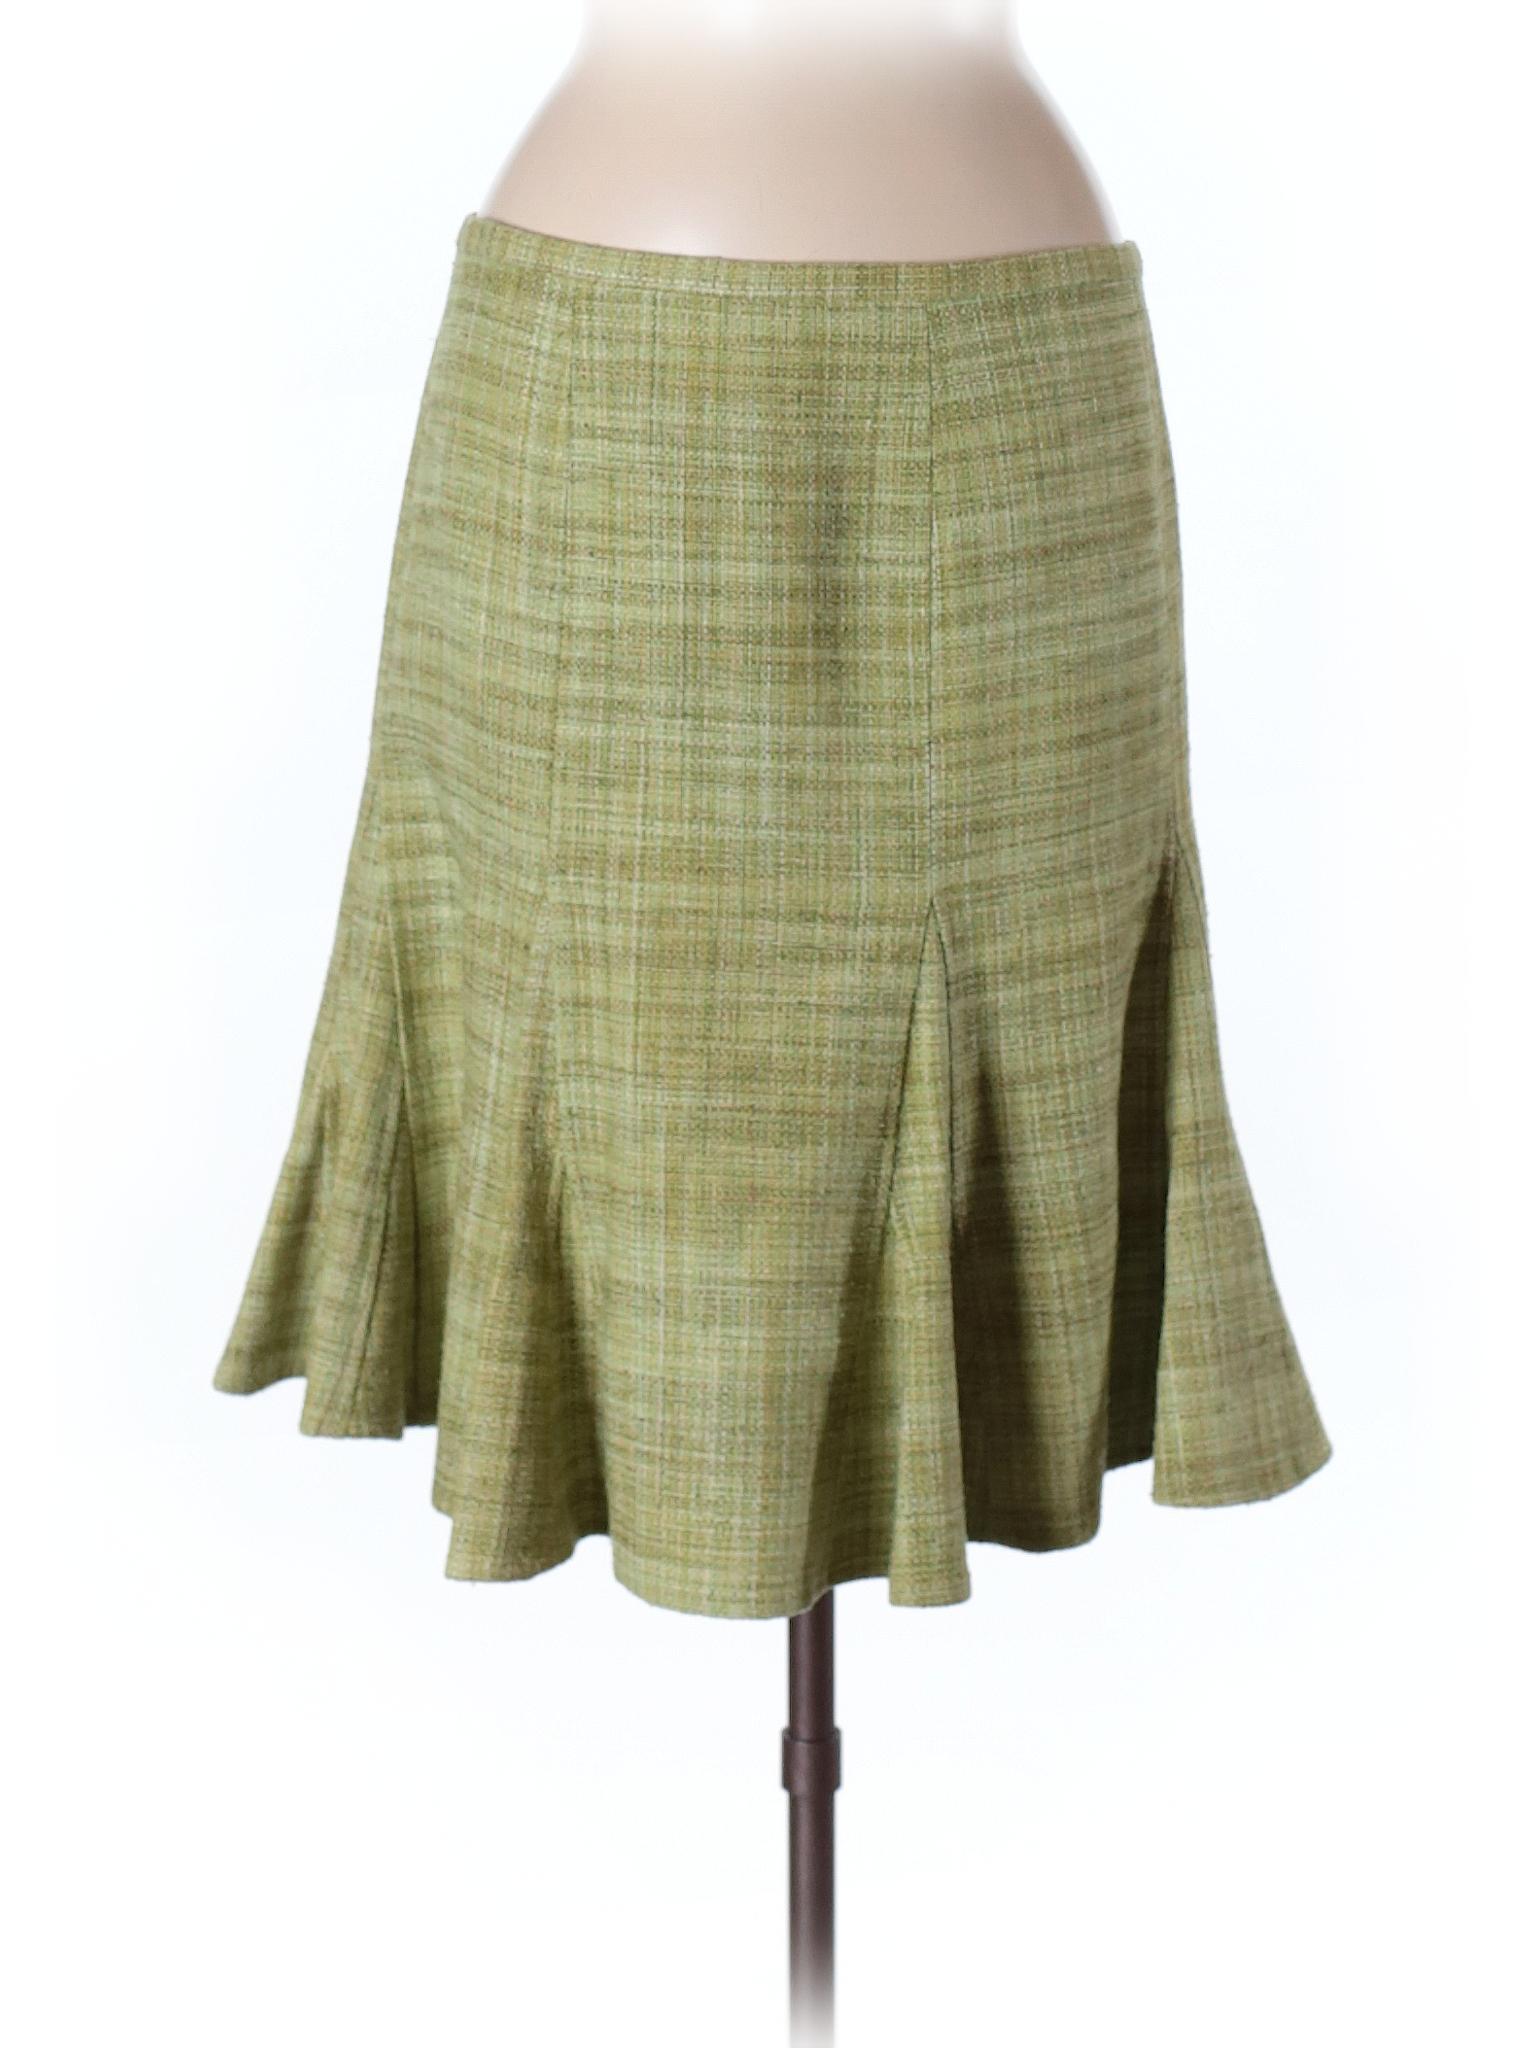 Silk Skirt Boutique leisure BCBGMAXAZRIA leisure Boutique BCBGMAXAZRIA Silk HPpwag